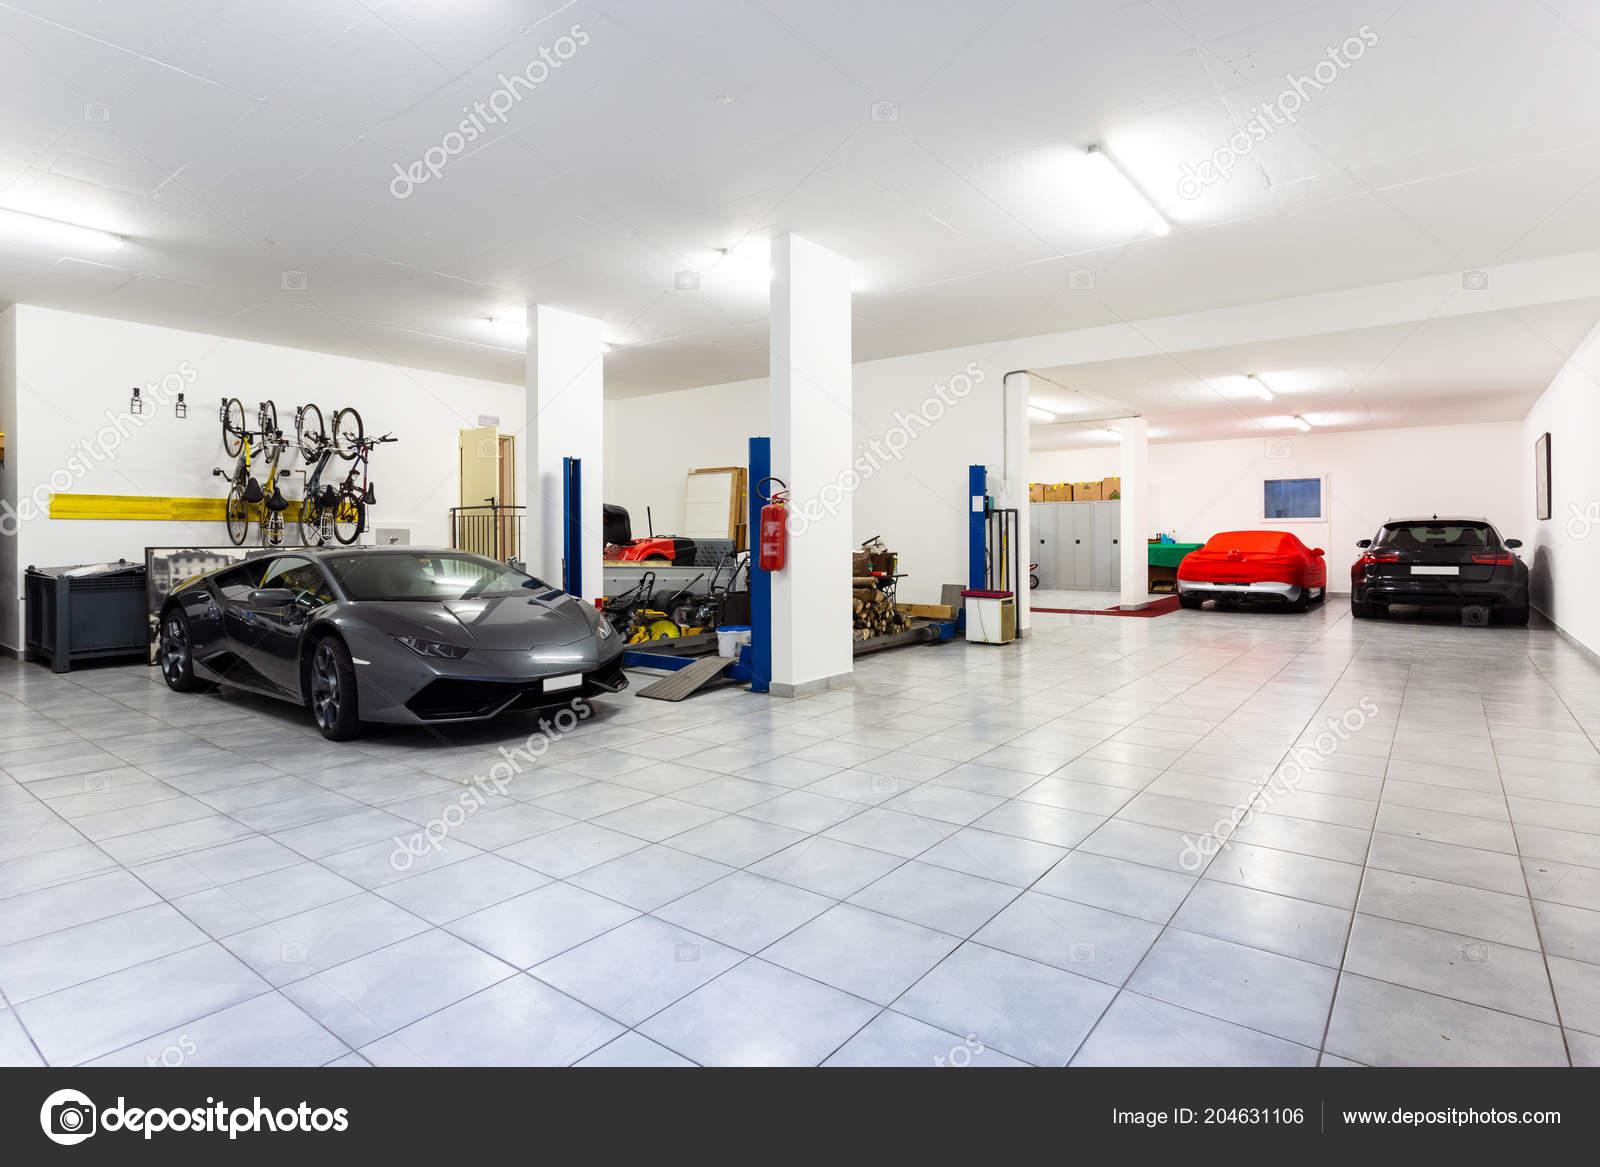 Garaż Luksusowych Samochodów Sportowych Nikt Nie Wewnątrz Zdjęcie